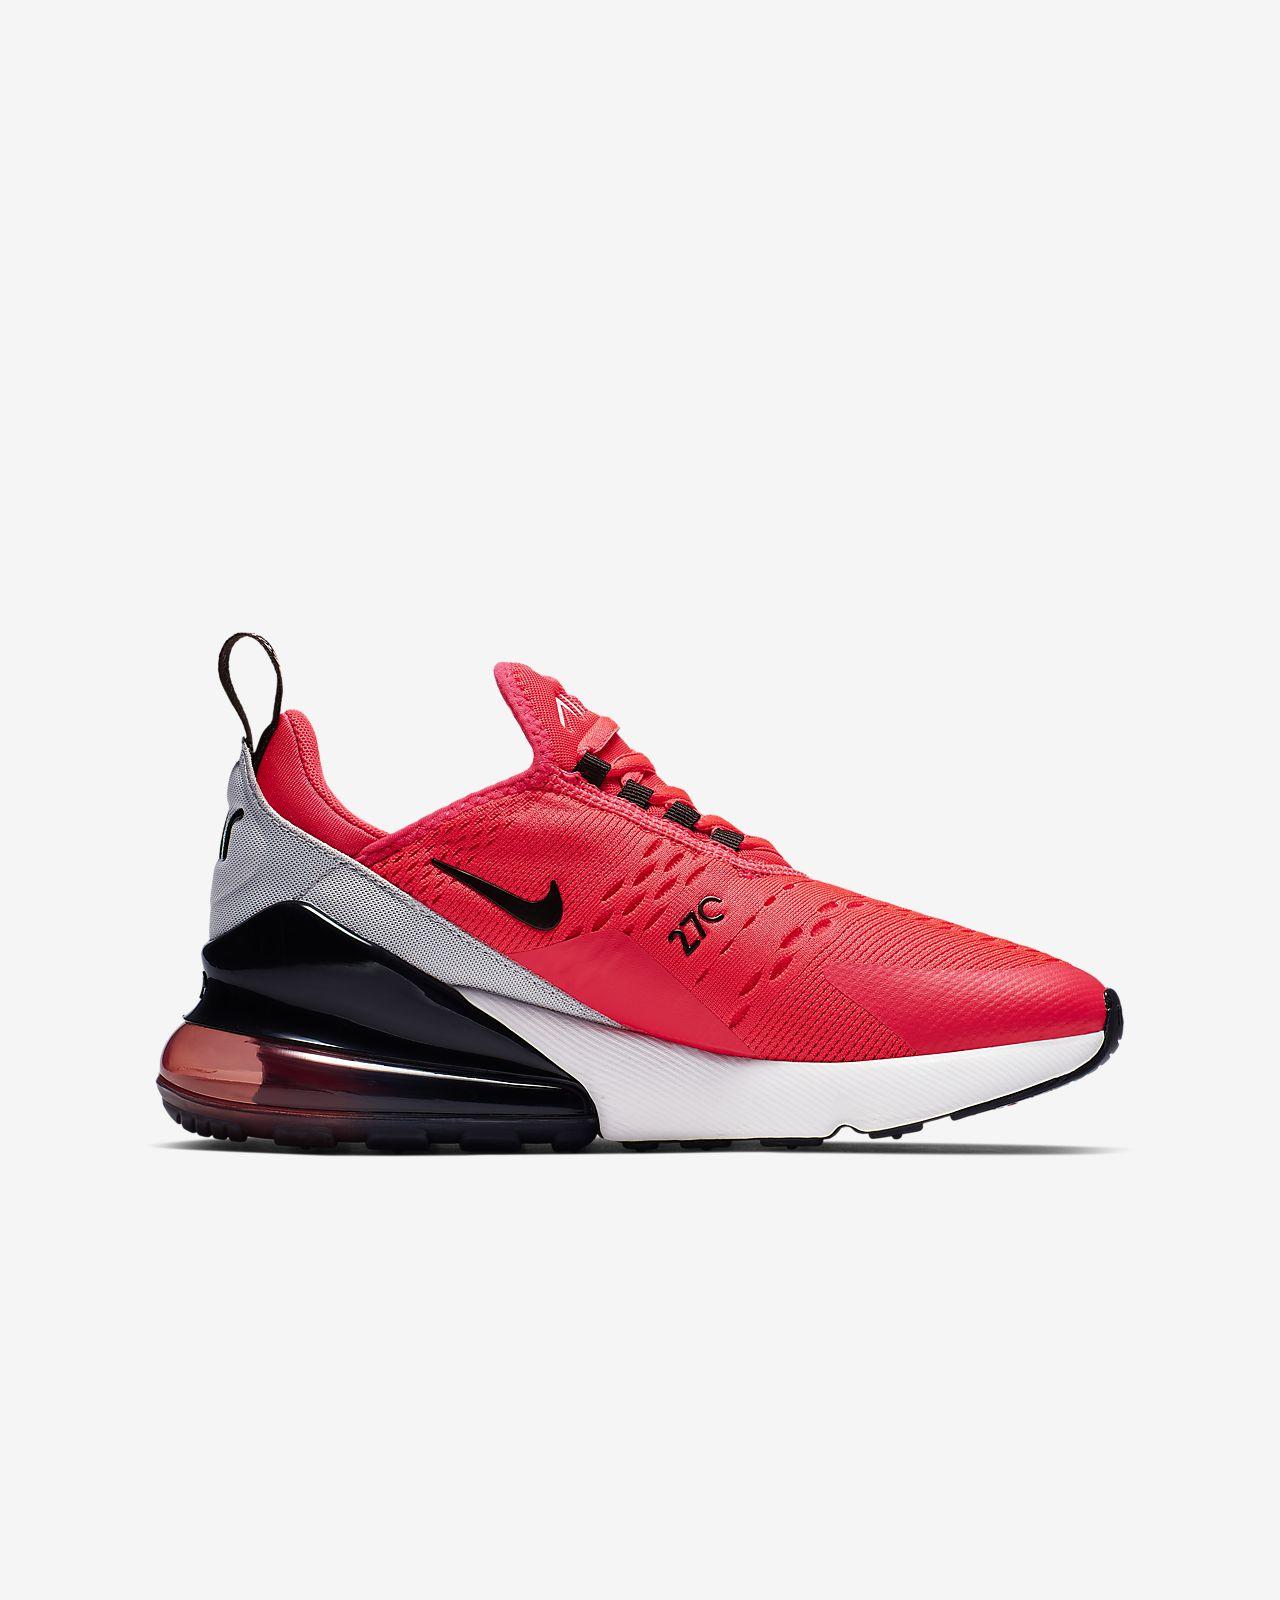 buy online f6e08 c4d76 ... Chaussure Nike Air Max 270 pour Enfant plus âgé